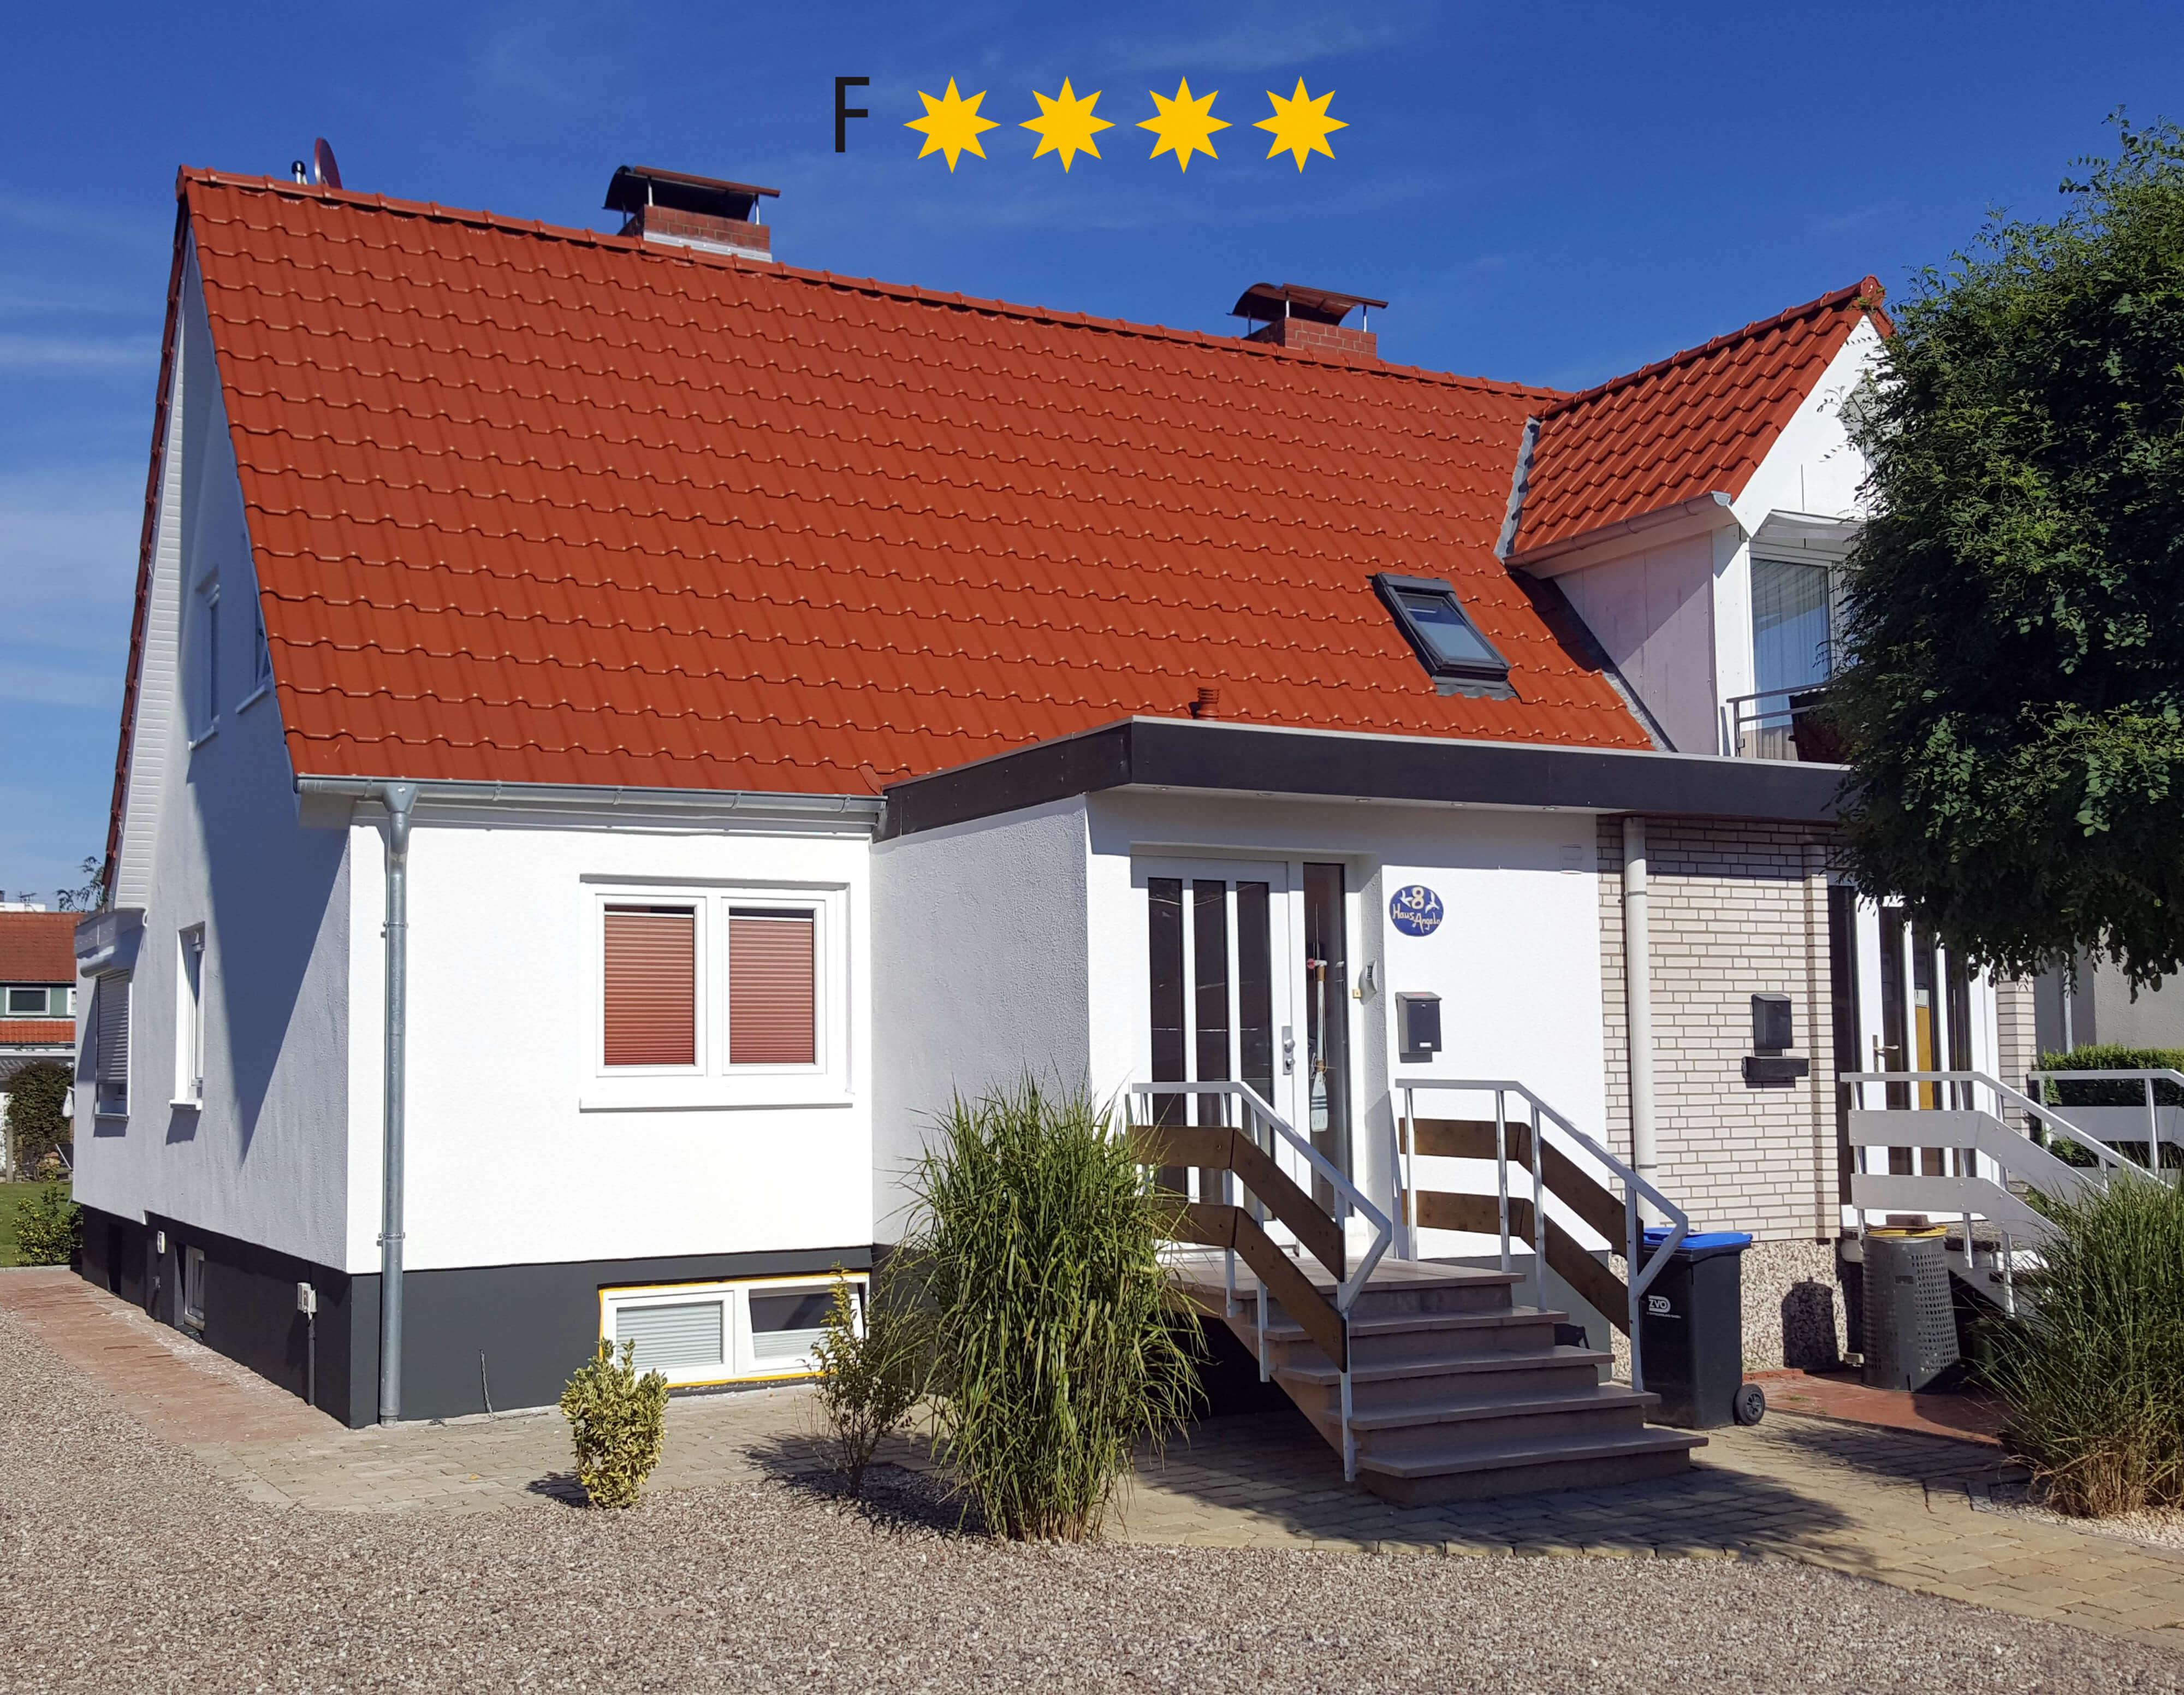 Ferienhaus Angela Kellenhusen mit 4 Sterne